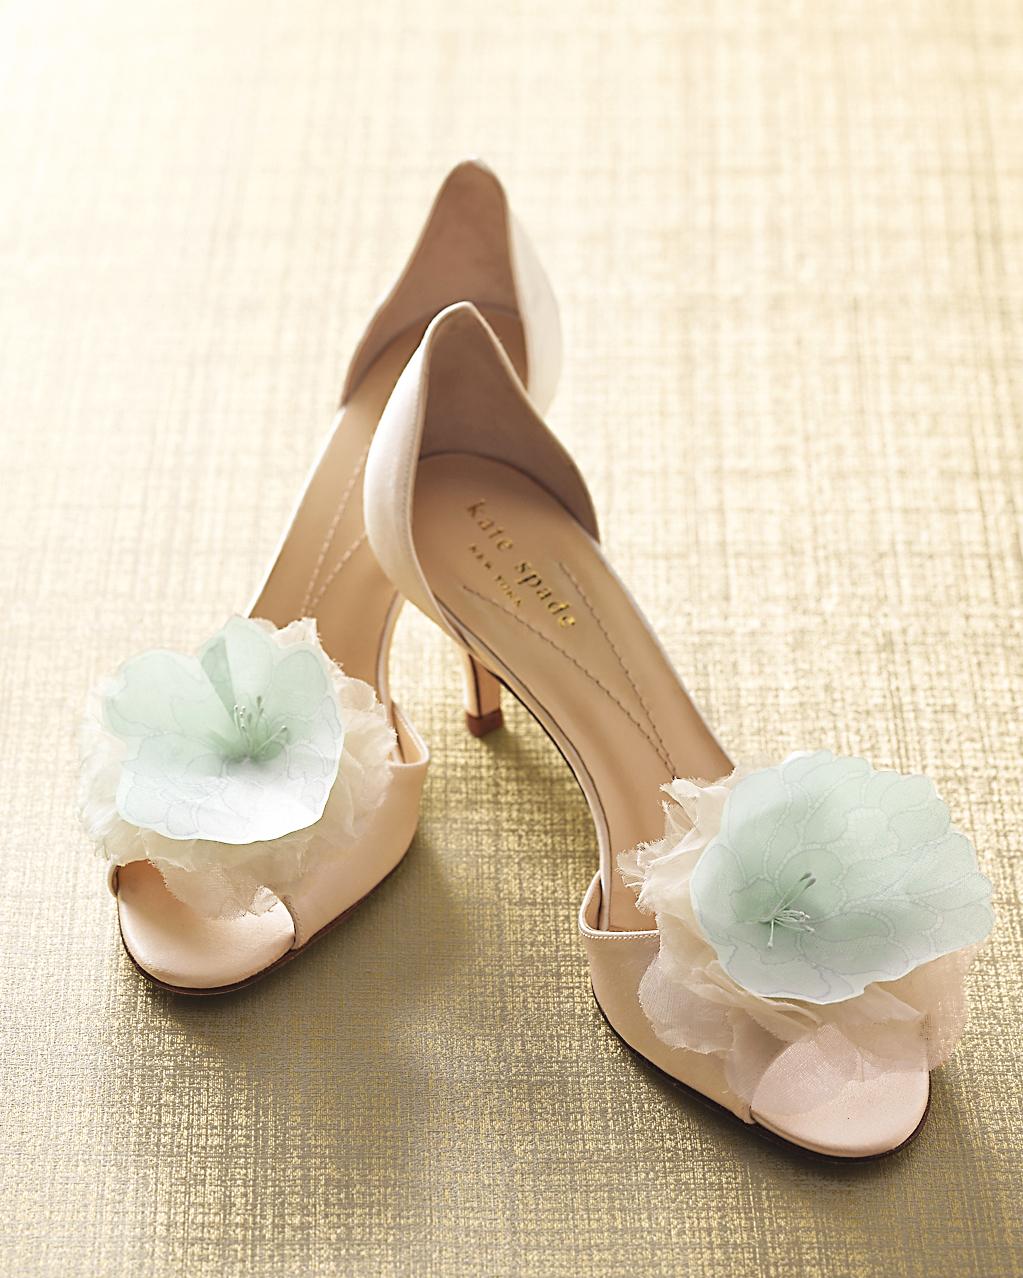 shoe-clip-lace-floral-sp-09-0315.jpg